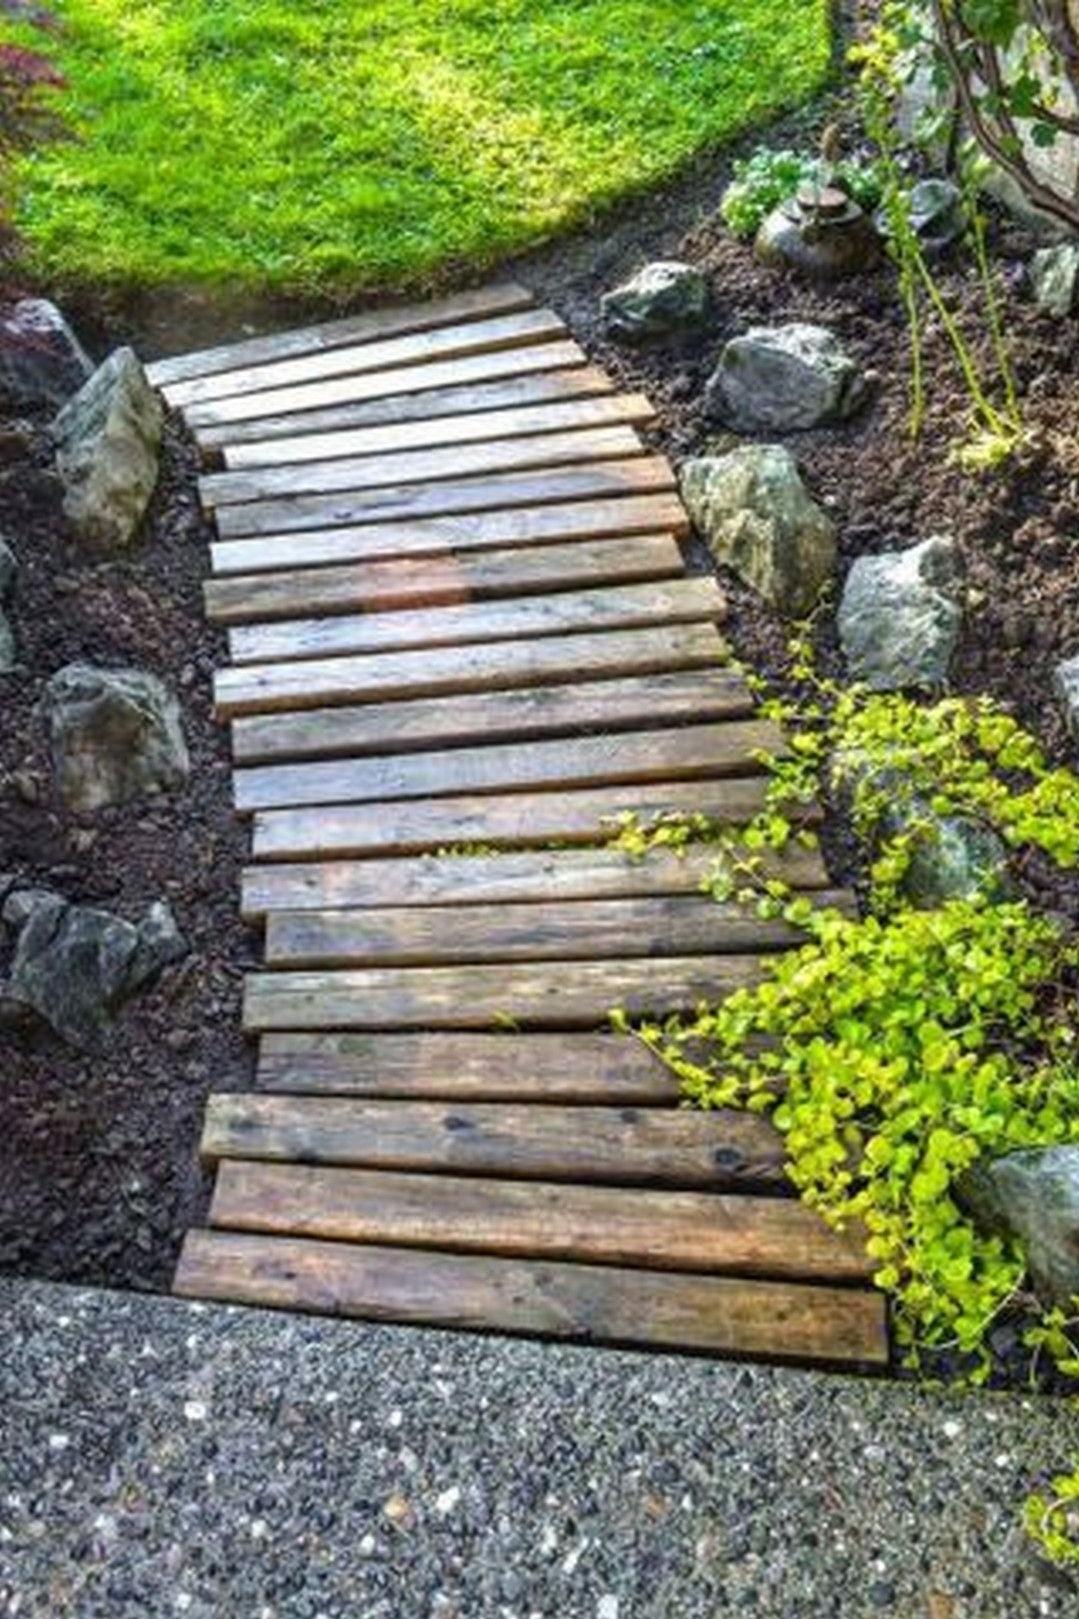 Utilisez du bois de palette récupéré pour construire un chemin en bois rustique.